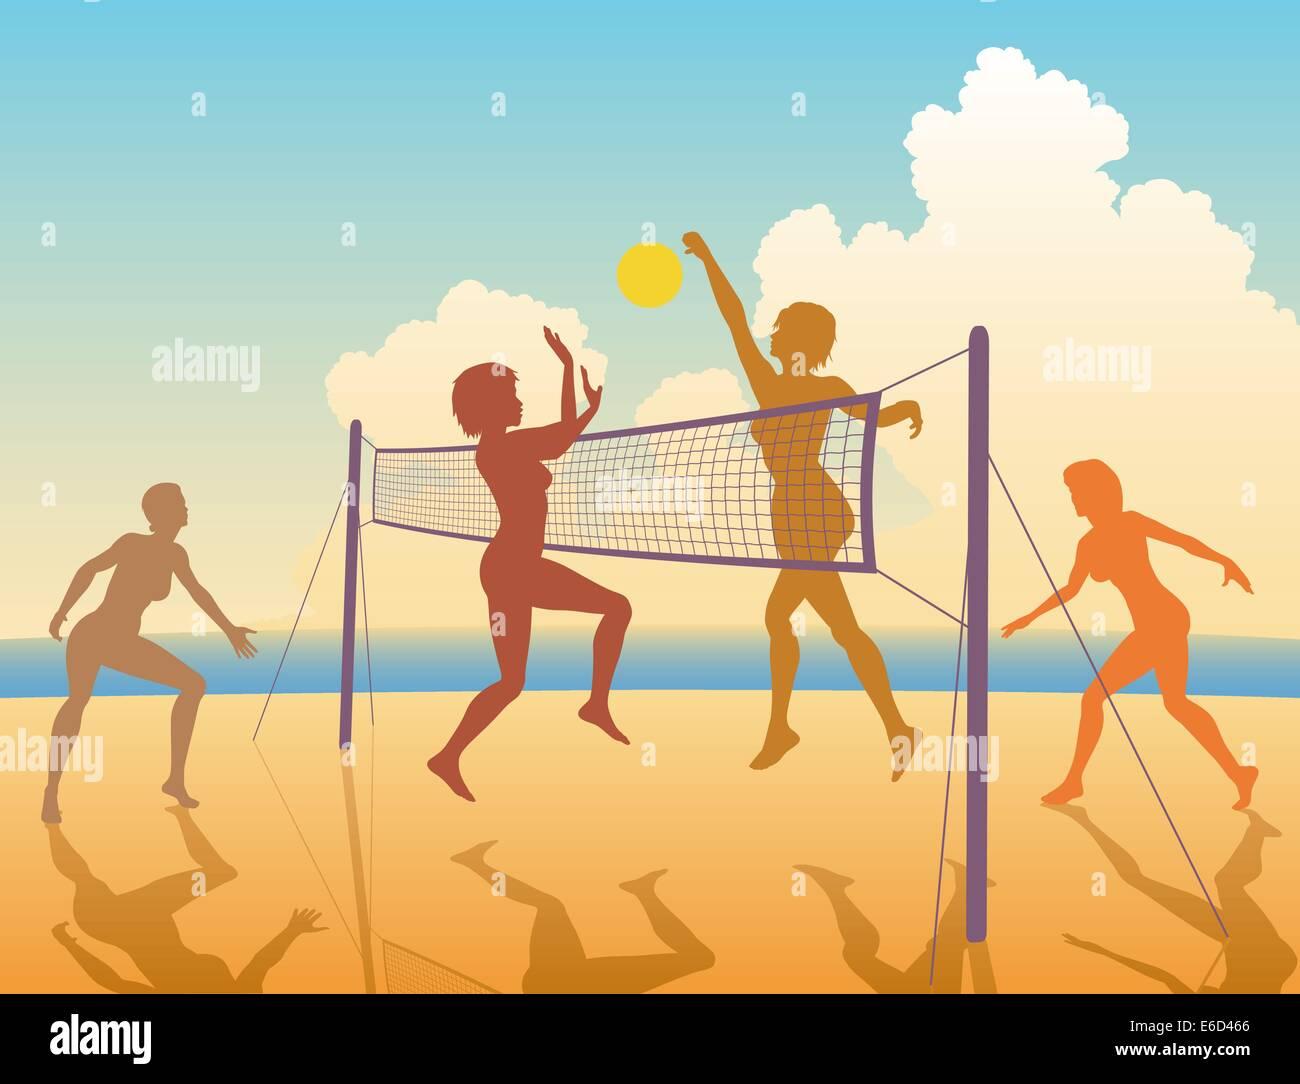 Bearbeitbares Vektor bunte Silhouetten von Frauen spielen Beach-volleyball Stock Vektor